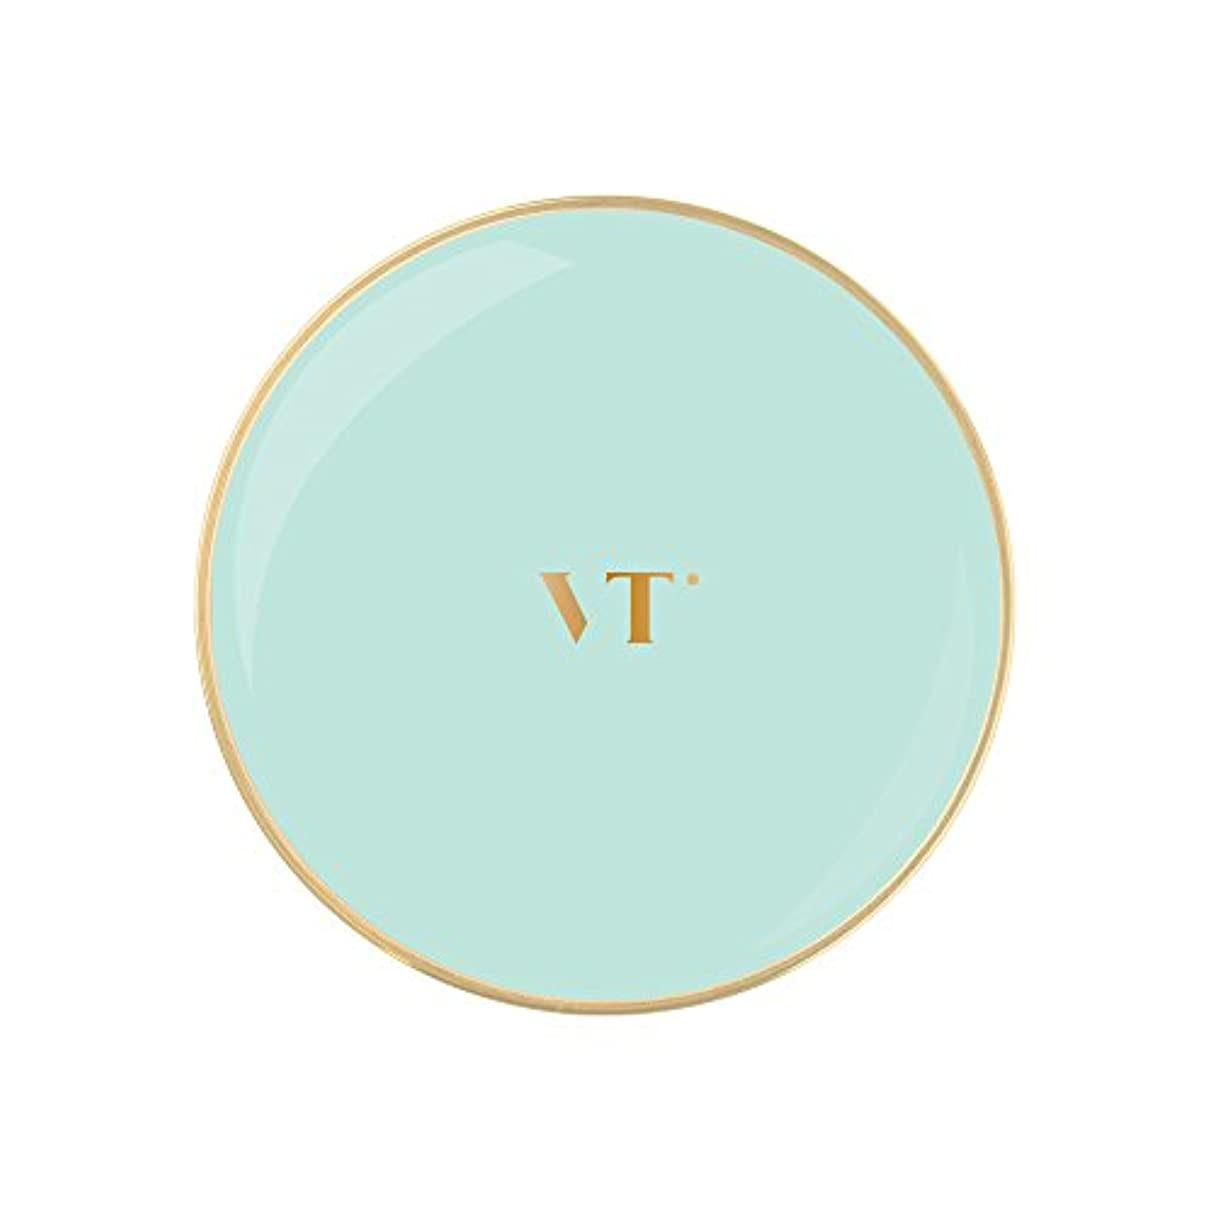 負担モンキー上陸VT Blue Collagen Pact 11g/ブイティー ブルー コラーゲン パクト 11g (#21) [並行輸入品]